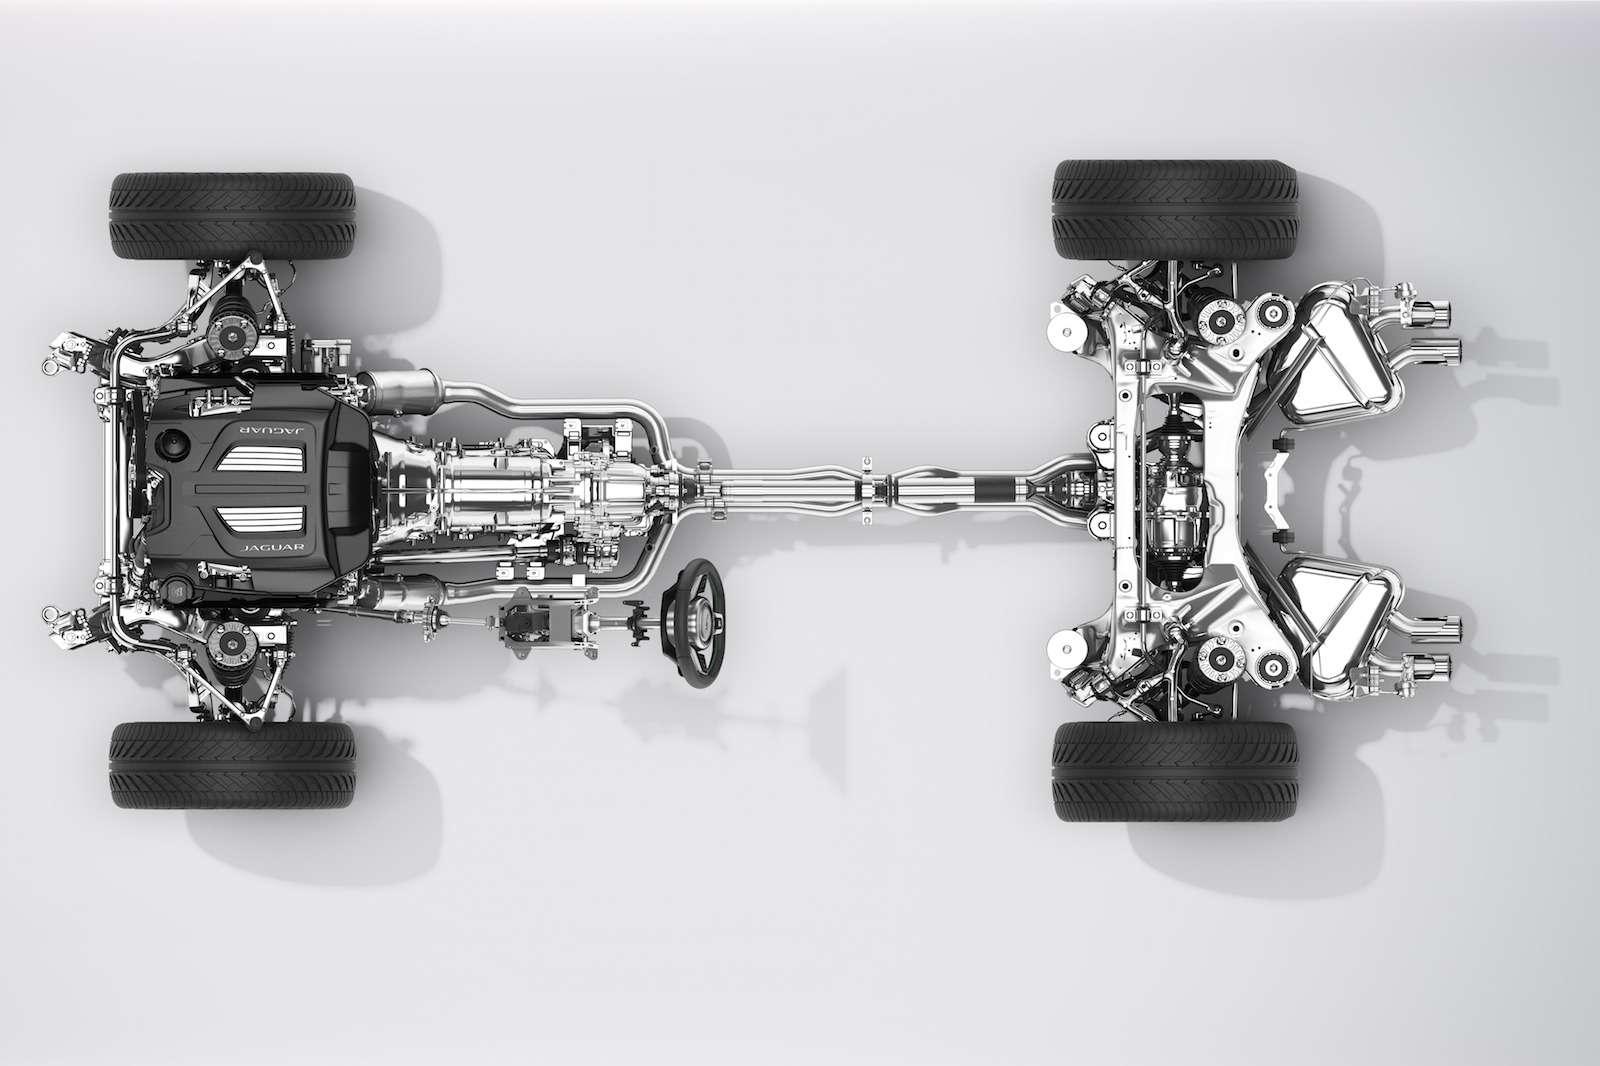 Система полного привода (AWD) Jaguar F-Type 2016 модельного года